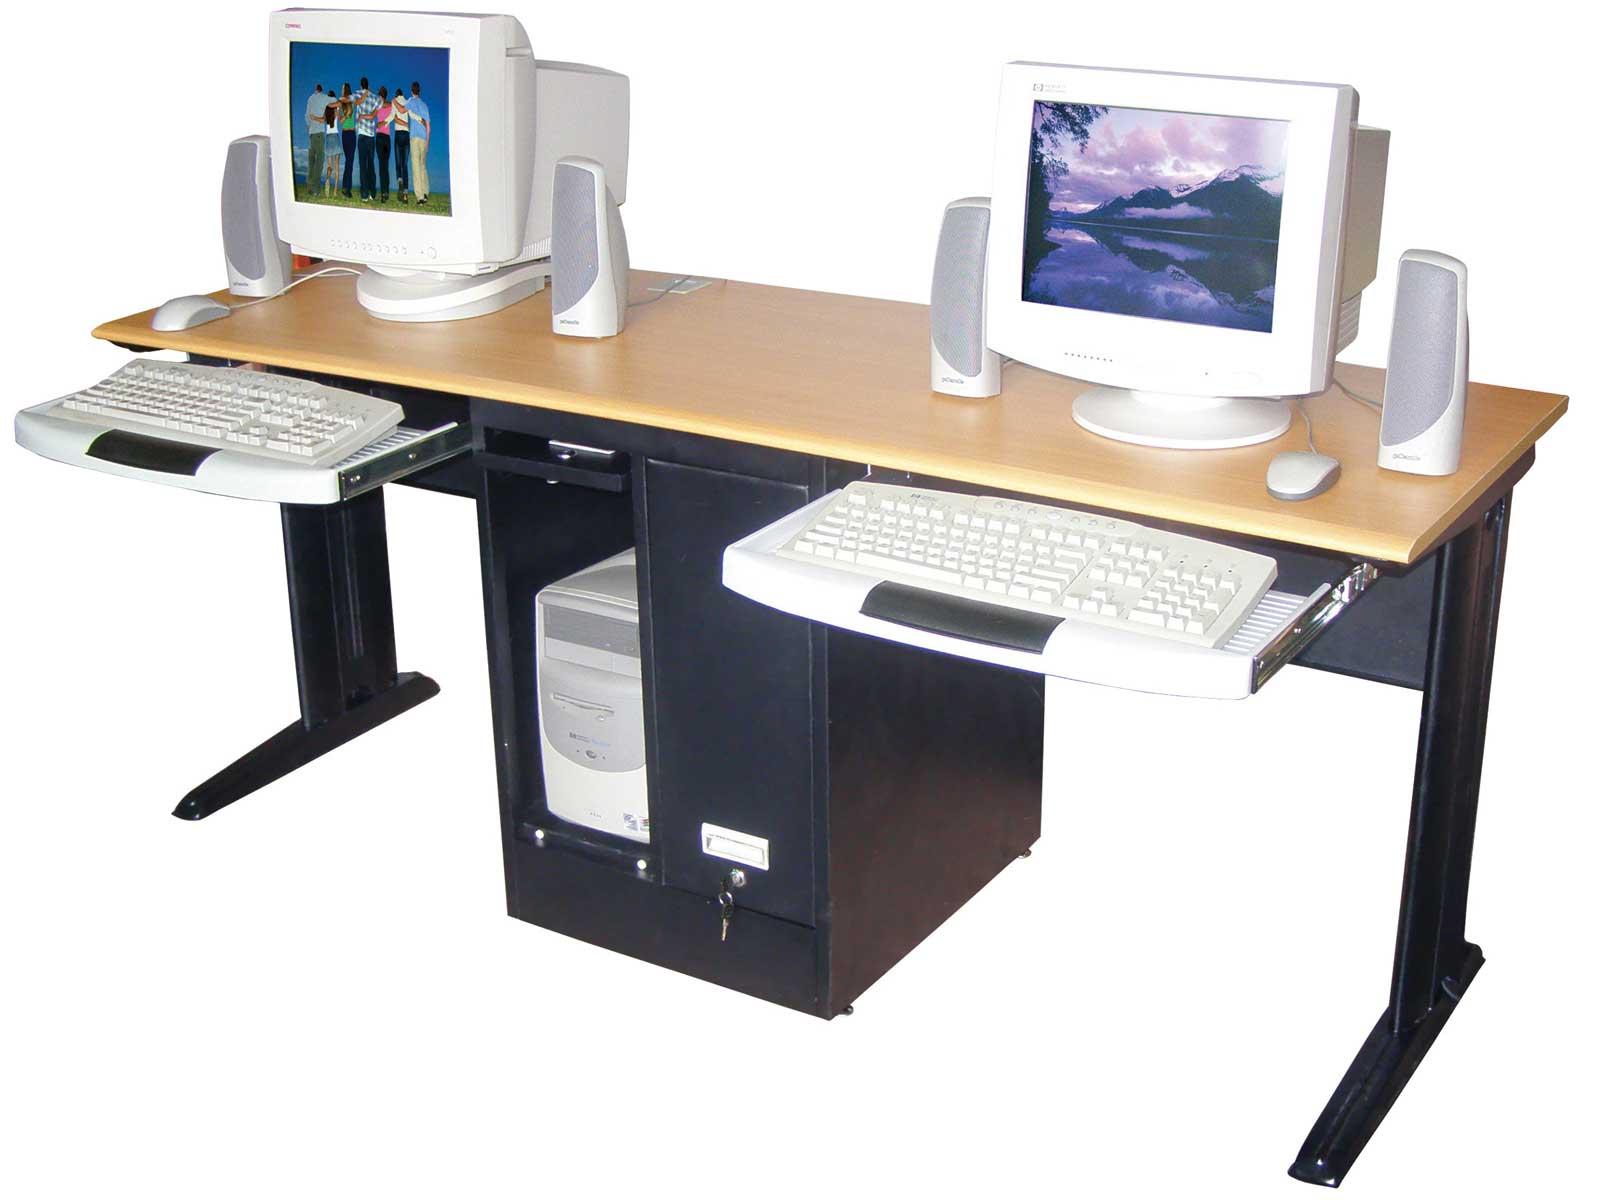 dual workstation desk  Office Furniture